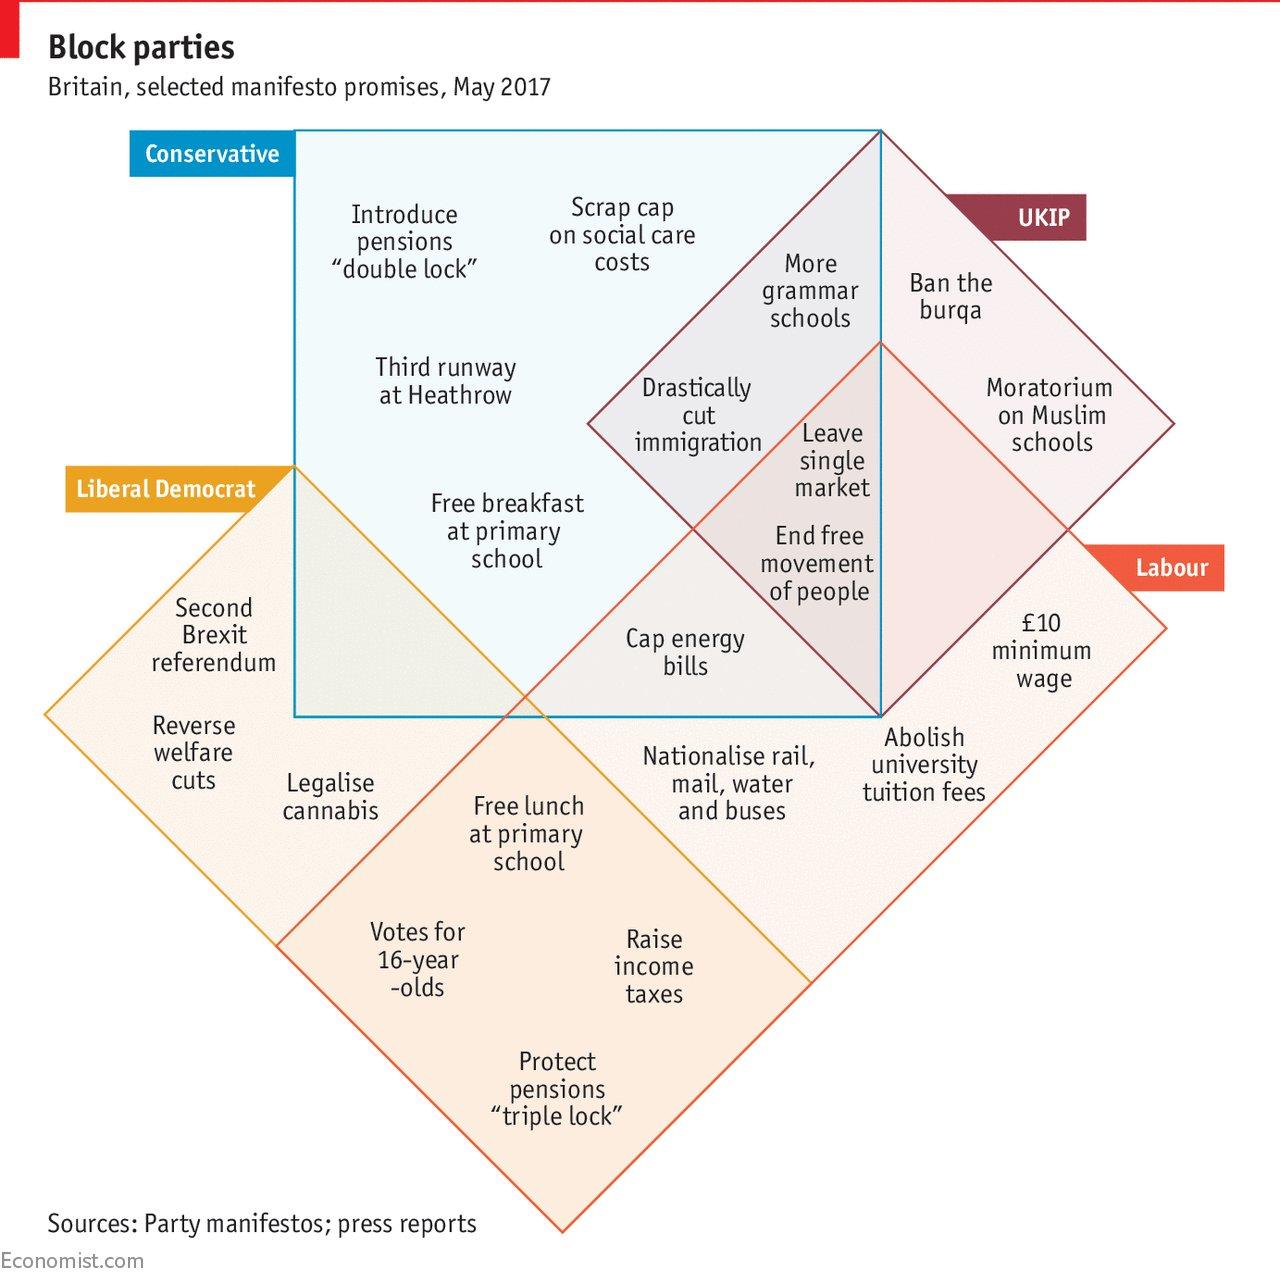 Venn diagram HT @janemerrick23 https://t.co/3PslCuZHGR https://t.co/Gors1iLpYK